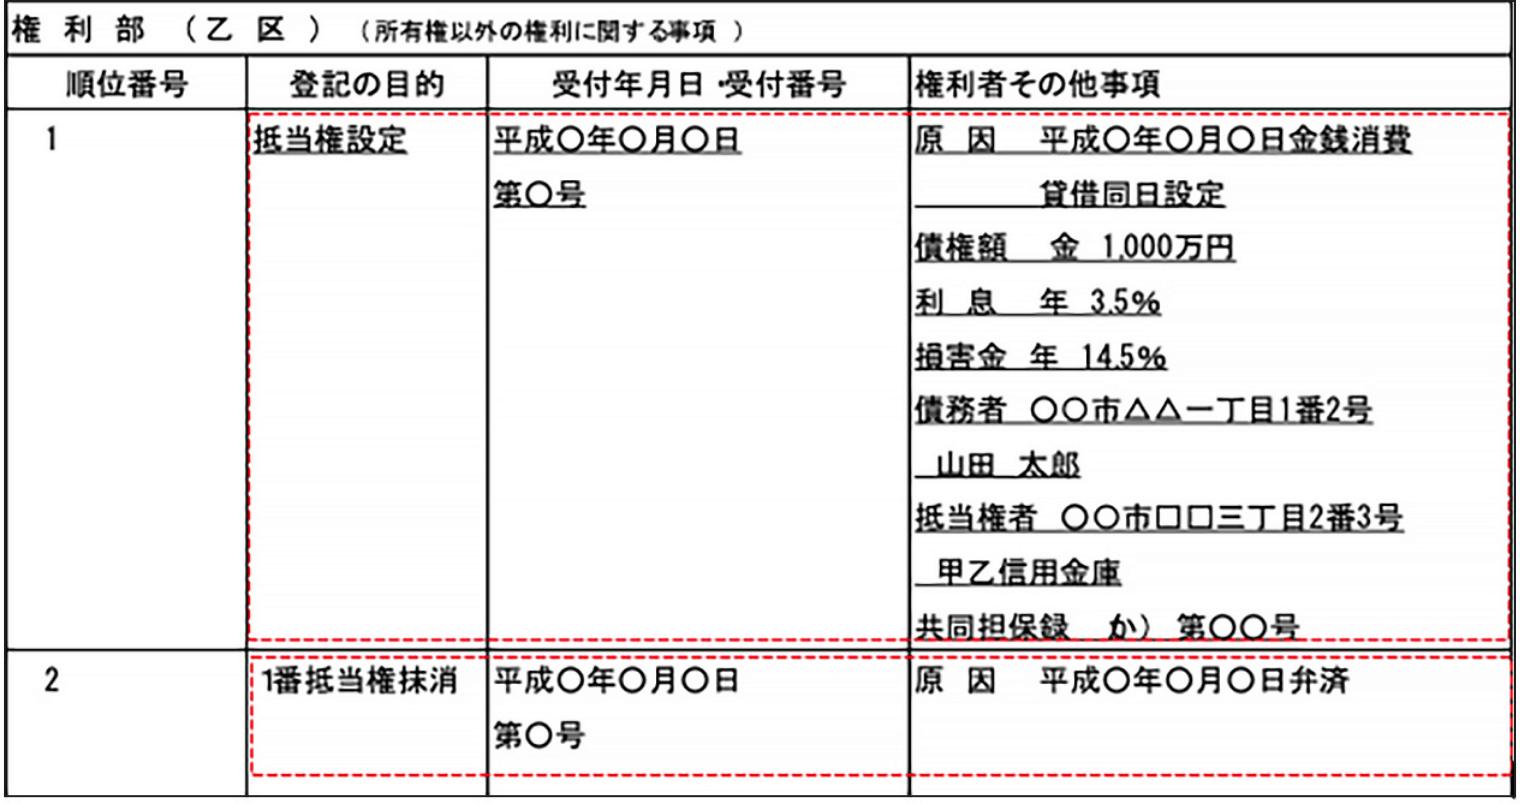 権利部(乙区)(所有権以外の権利に関する事項)